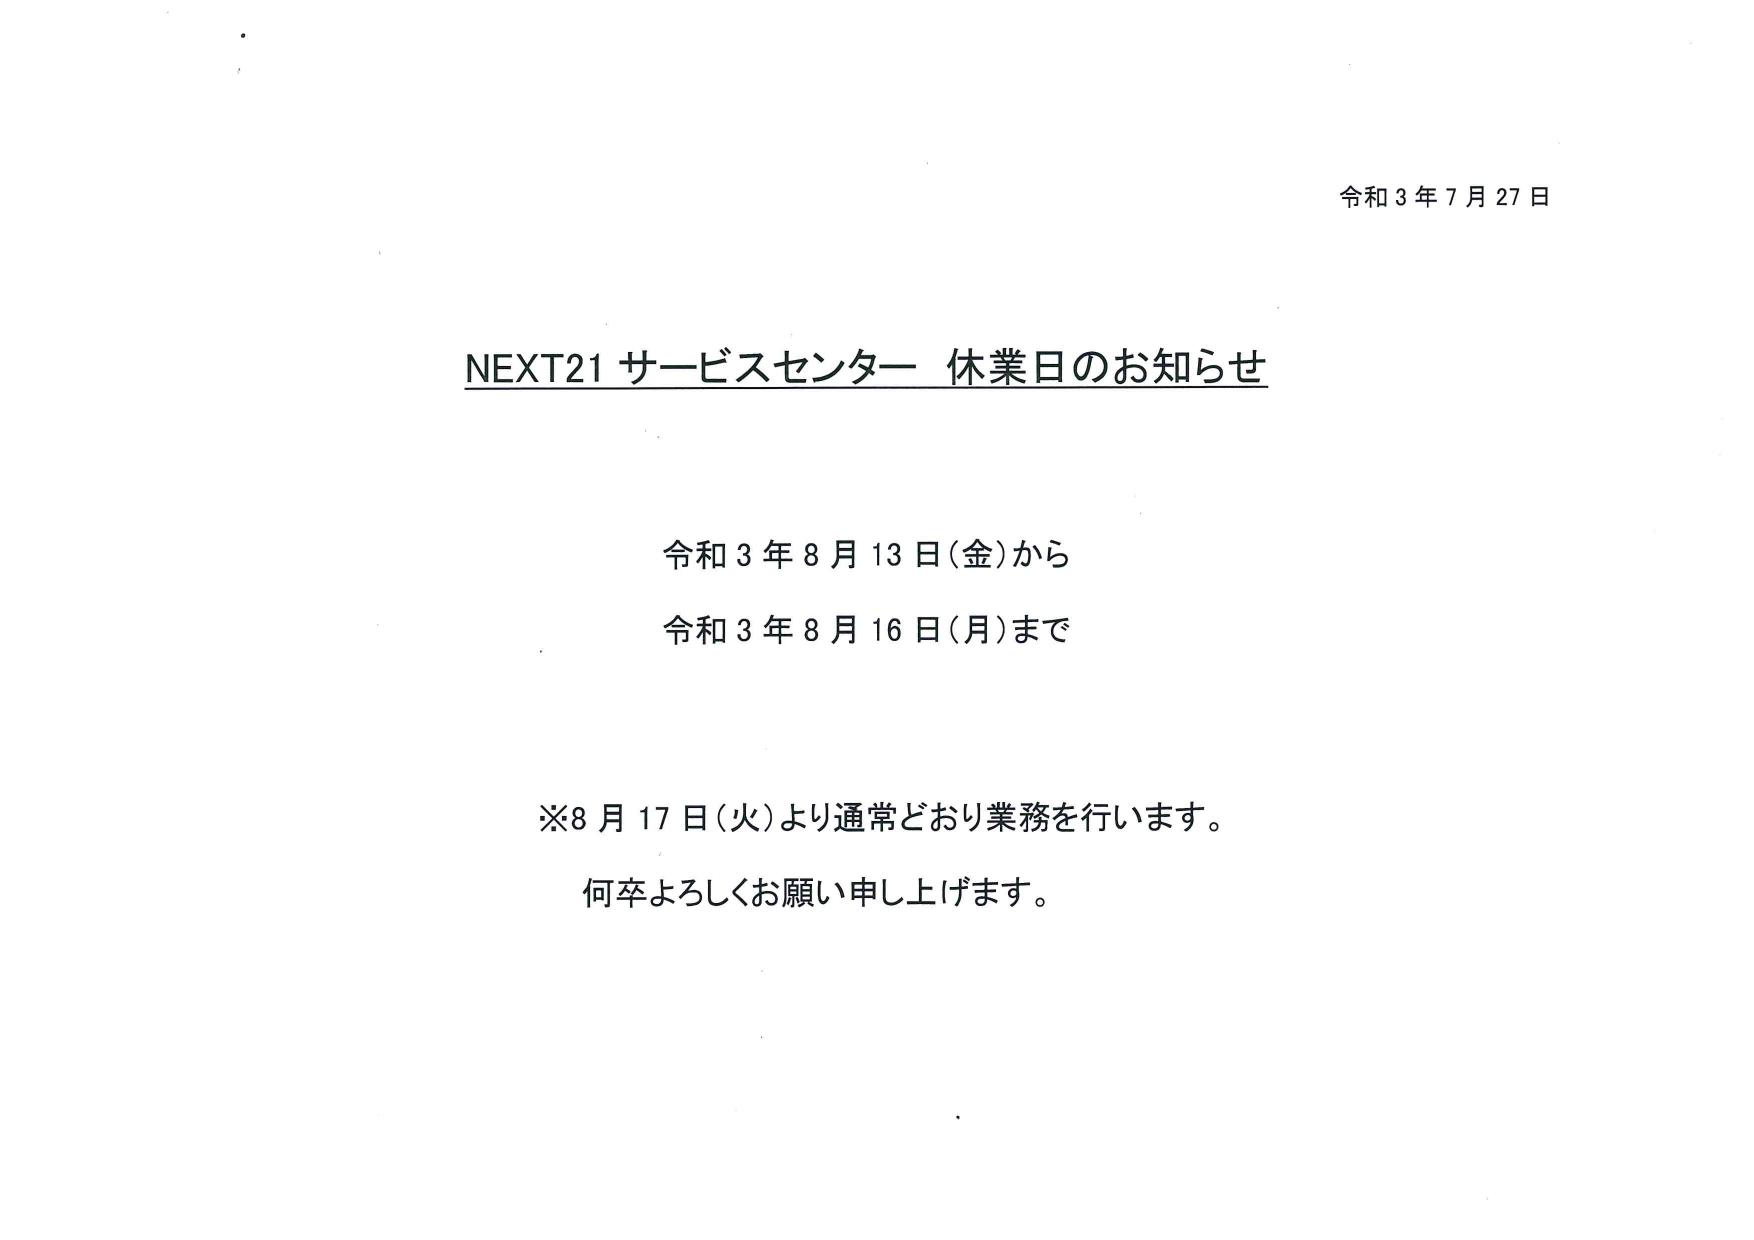 NEXT21サービスセンター夏期休業日のお知らせ